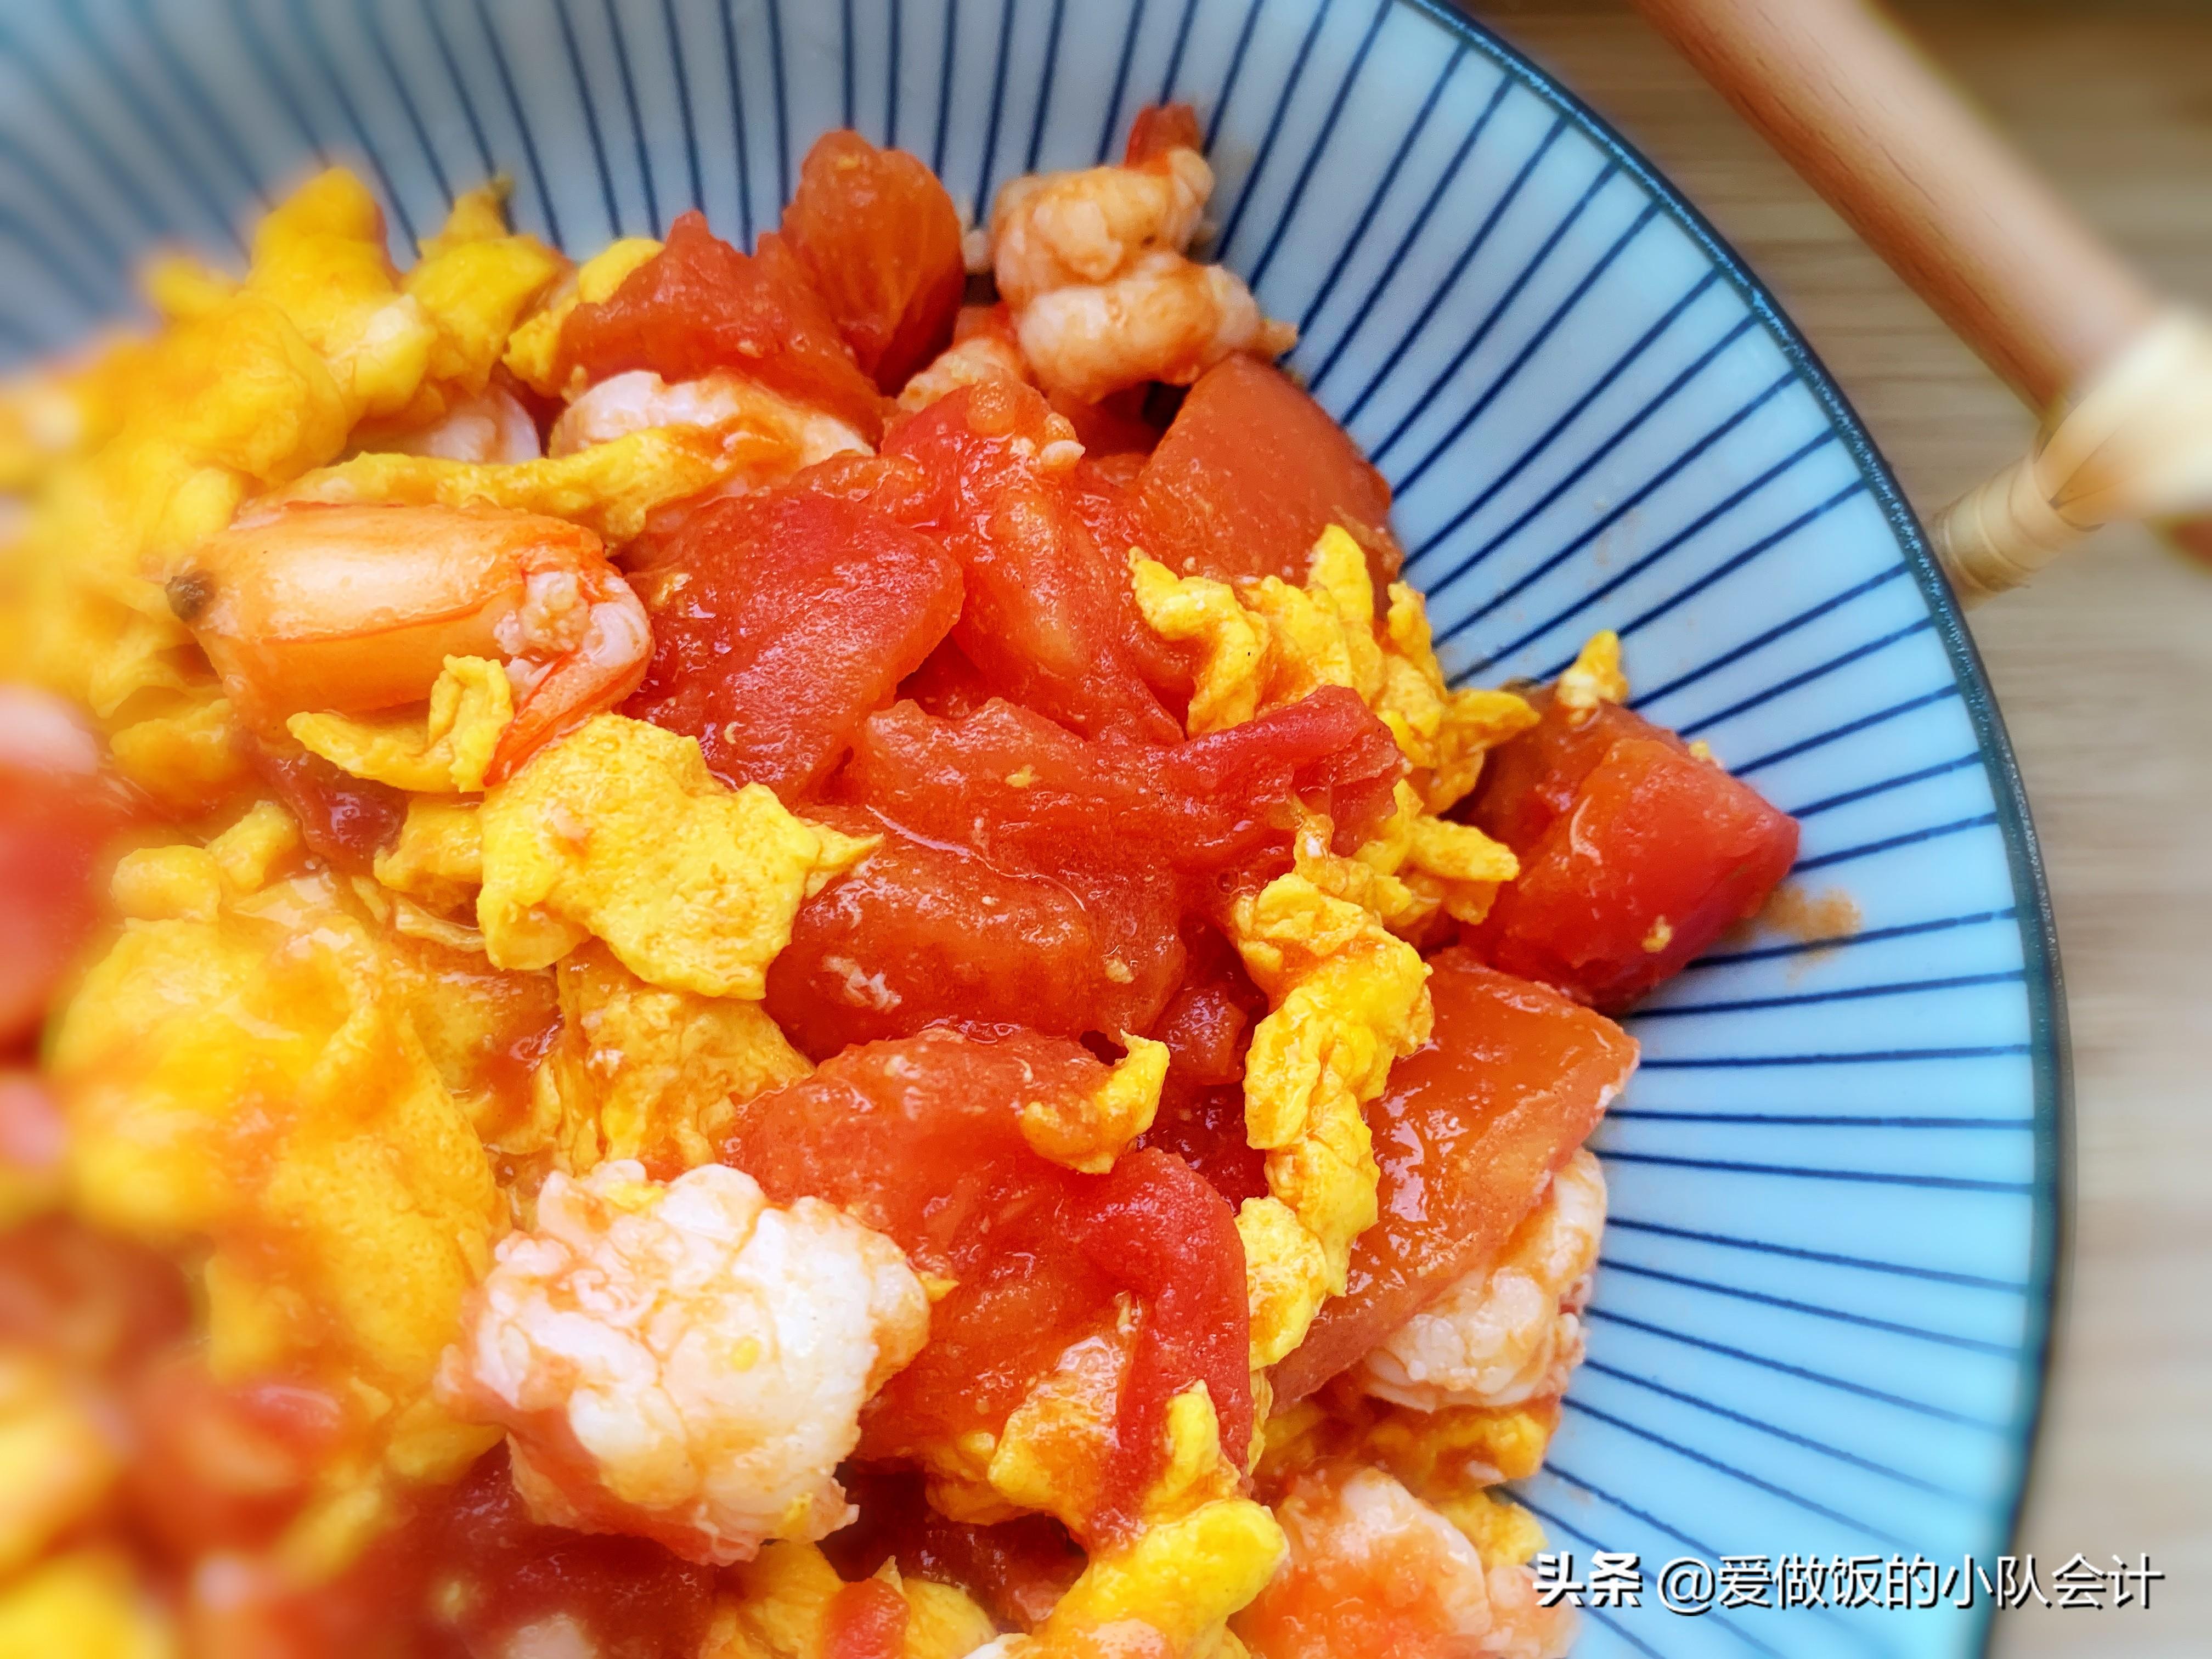 做西红柿炒鸡蛋,最怕直接下锅炒,牢记2点,汁浓蛋嫩味道香 美食做法 第2张